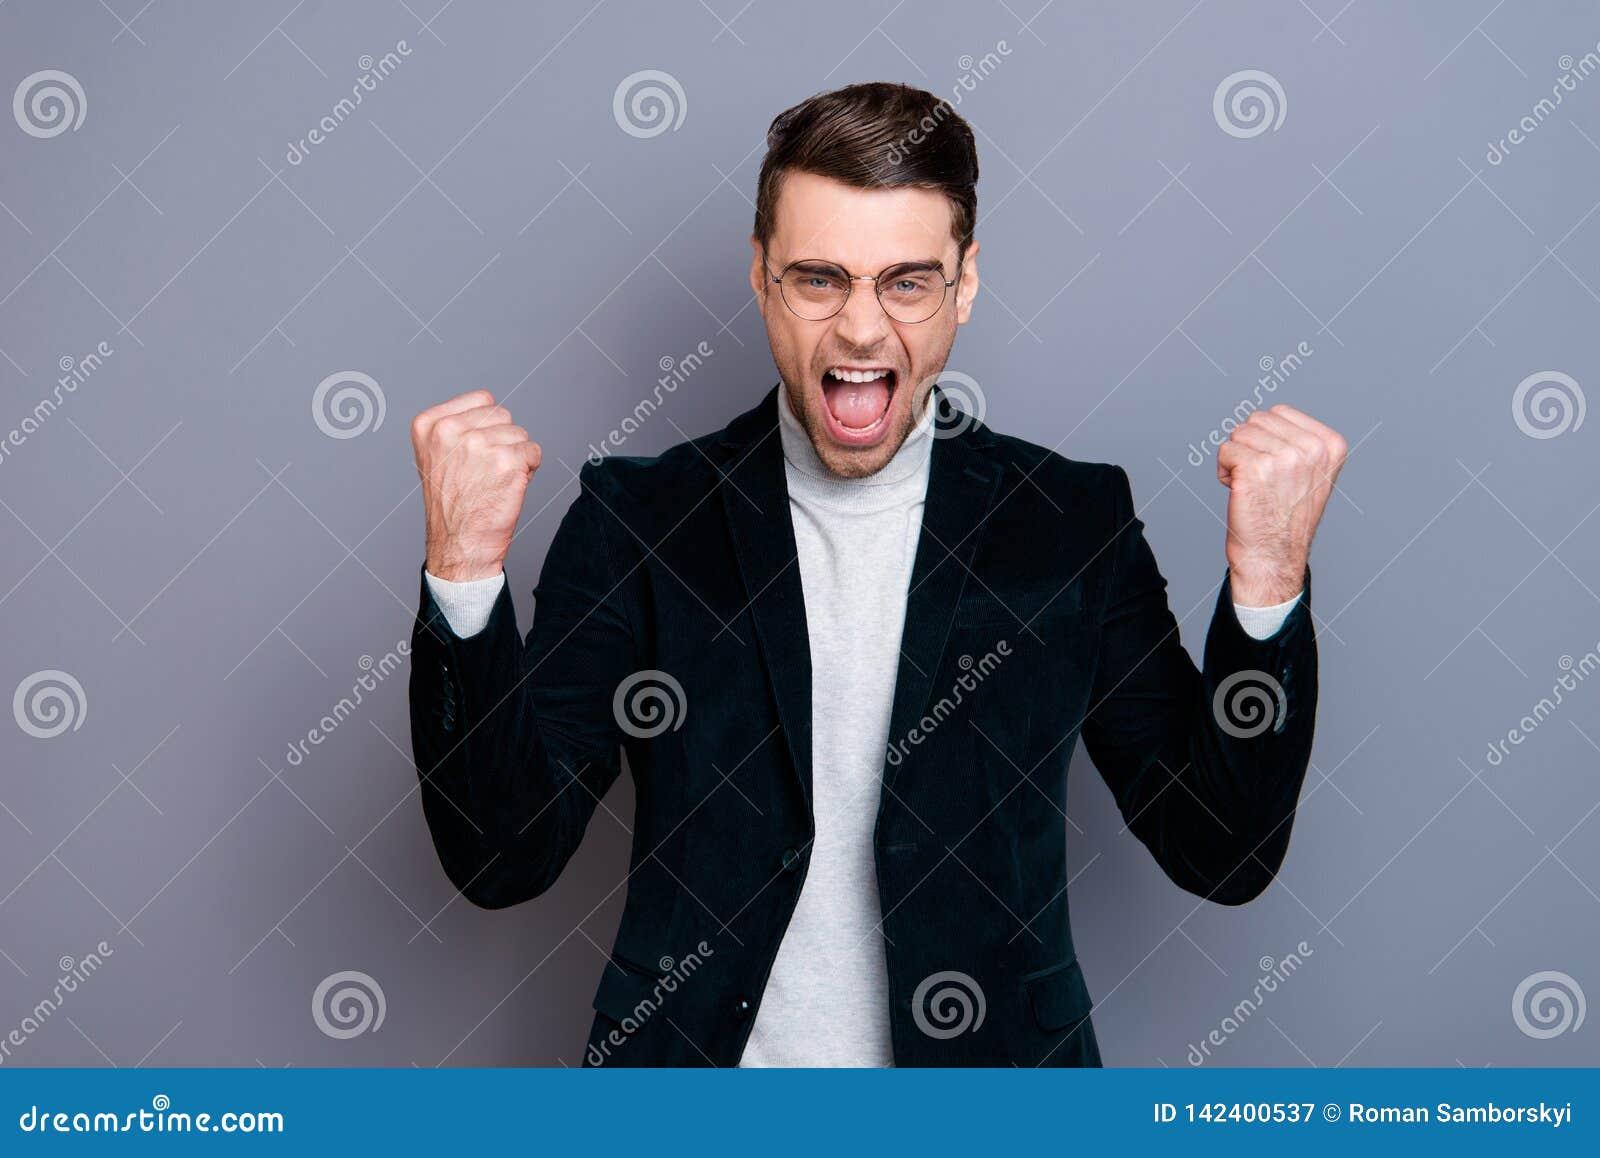 Πορτρέτο δικοί του αυτός συμπαθητικός χαριτωμένος όμορφος ελκυστικός τρελλός εύθυμος χαρωπός τύπος που φορά velveteen την κραυγή